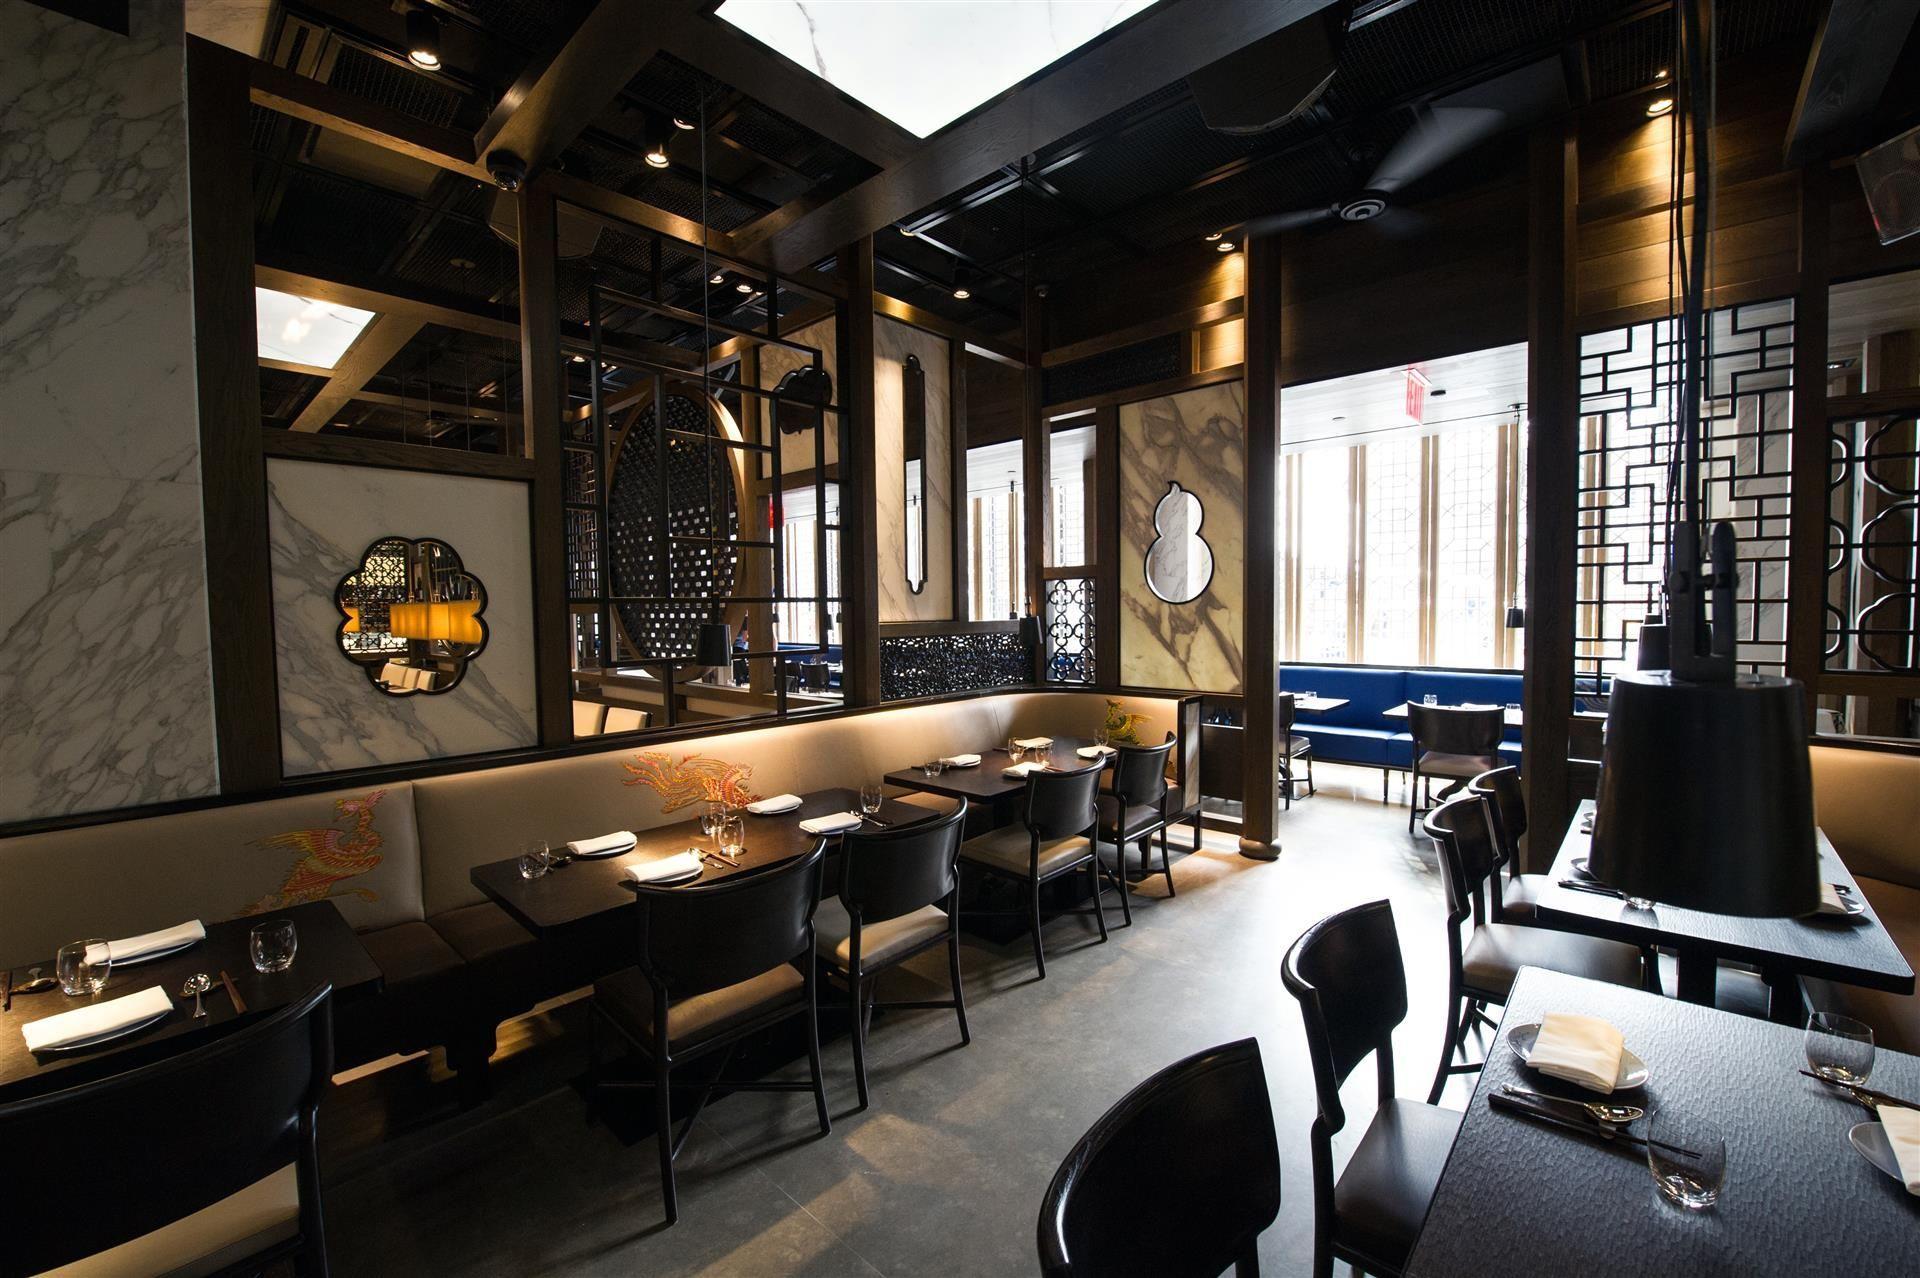 Gilles boissier 2012 hakkasan new york restaurant - Chinese restaurant interior pictures ...